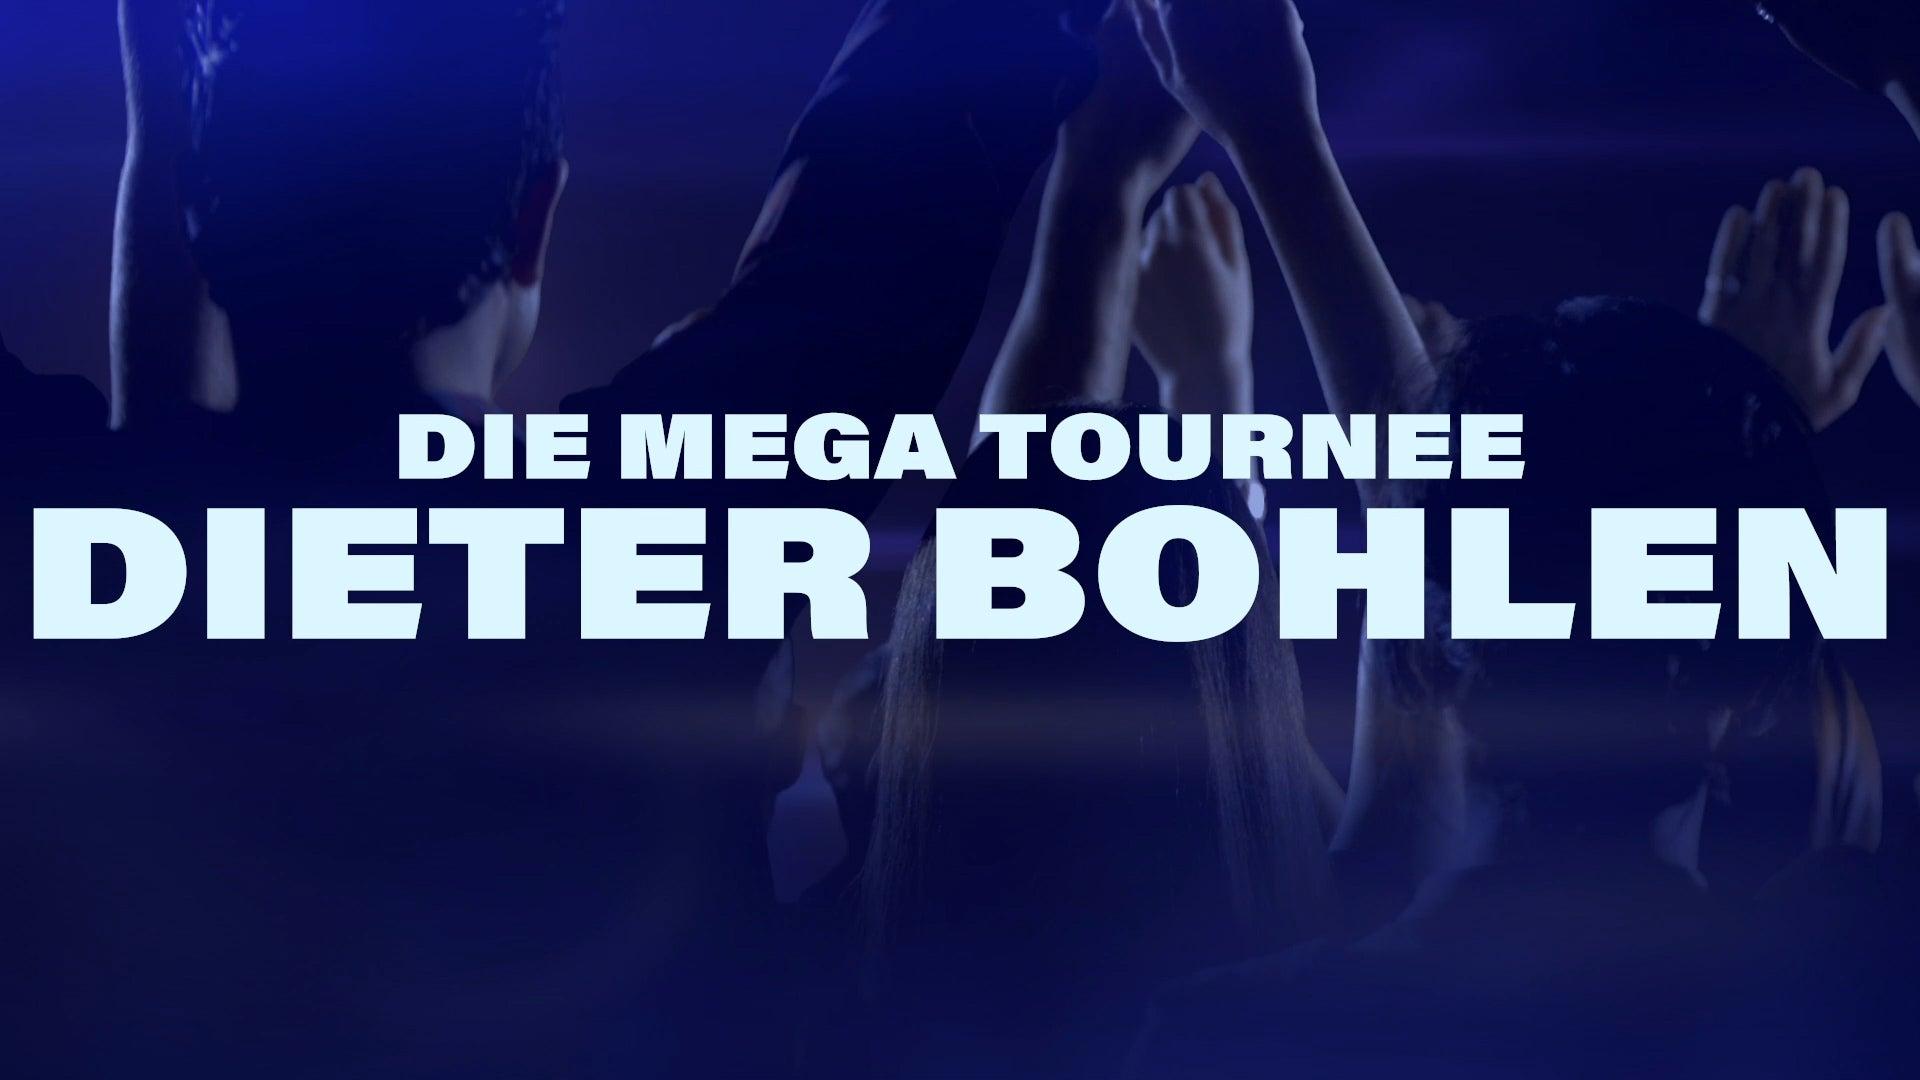 DieterBohlen_Trailer.jpg